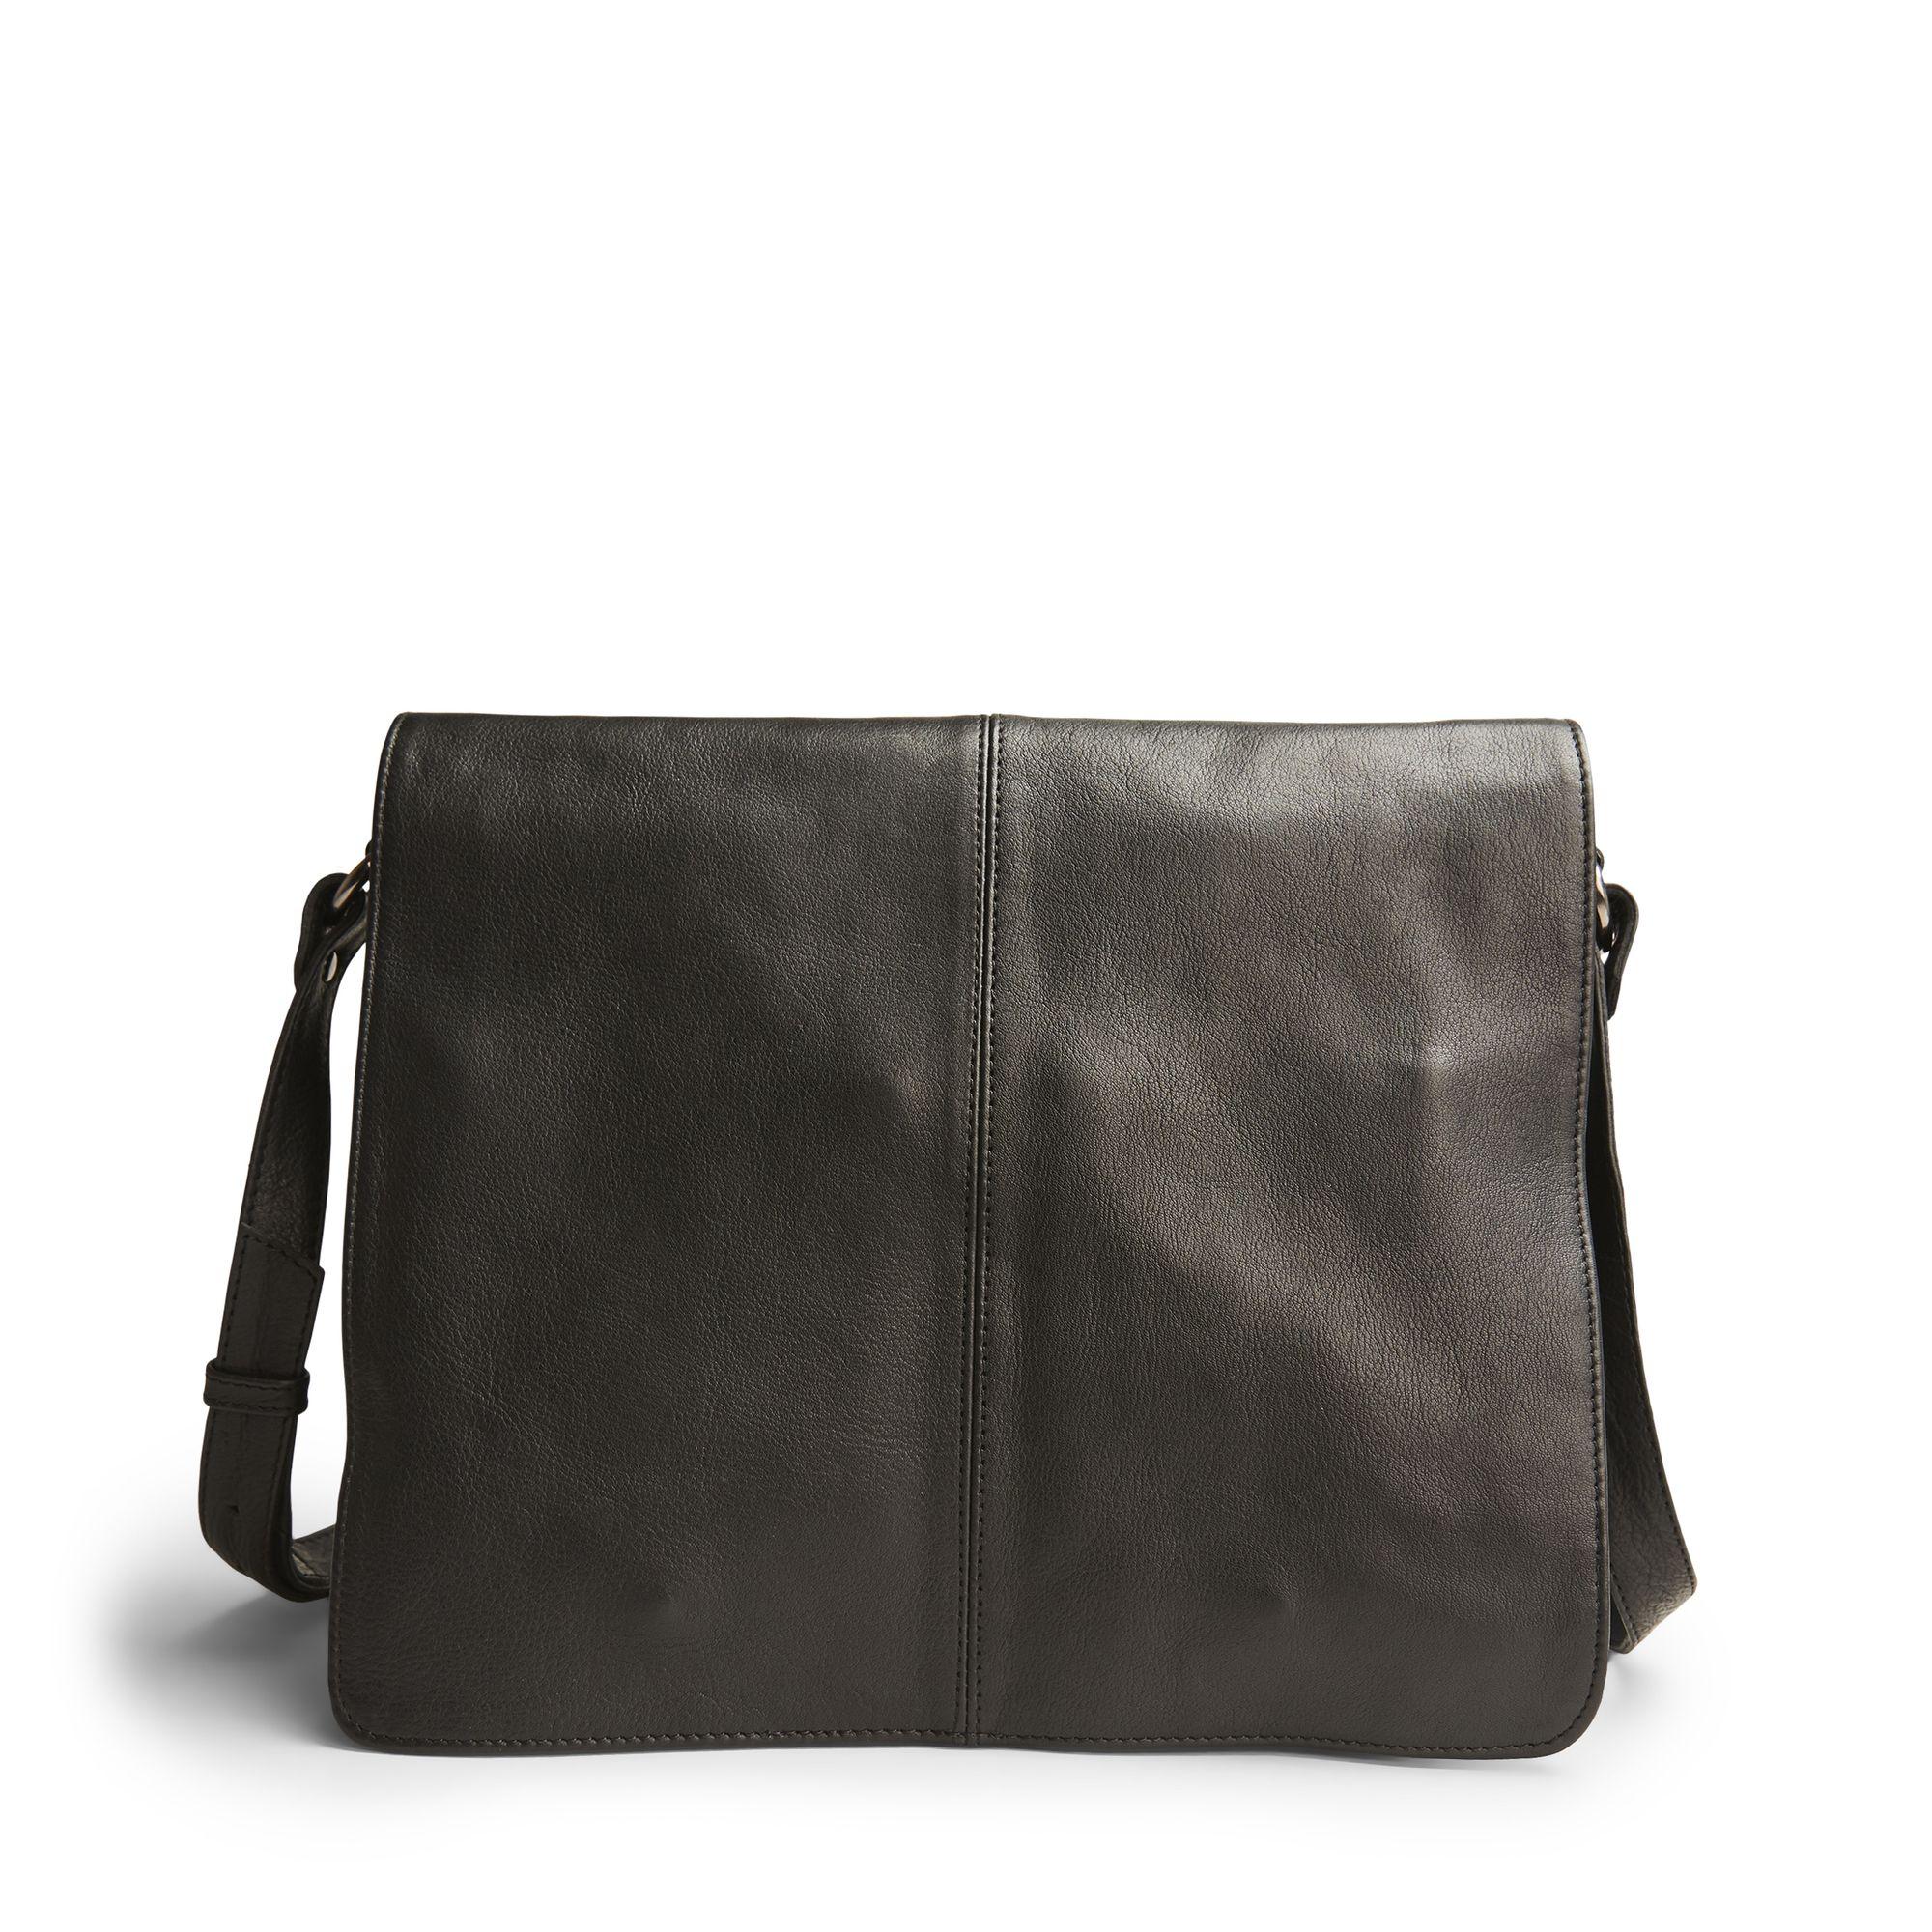 Handla väskor från Don Donna online: Don Donna Bess